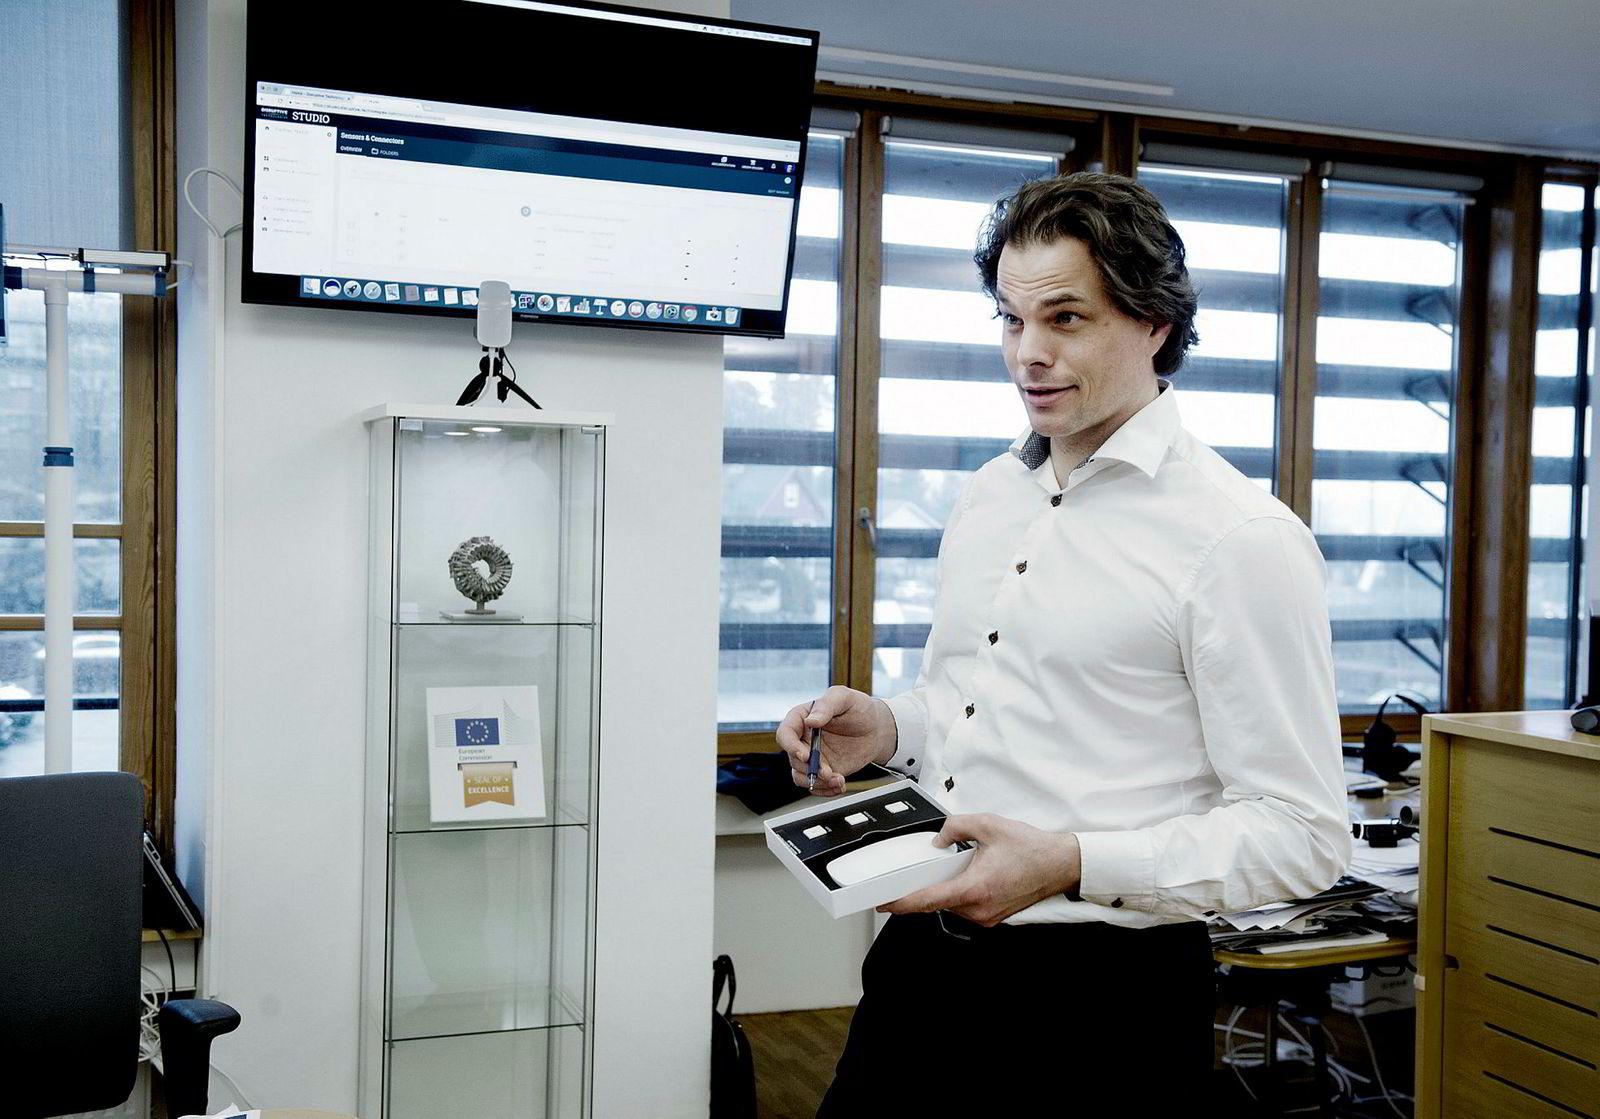 Erik Fossum Færevaag med et testsett bestående av tre sensorer og en mobilsender uten knapper som plugges i veggen. DN fikk henge opp en sensorer i døren, og så skjermen vise om den var åpen eller lukket, samt måle temperatur med en annen sensor.